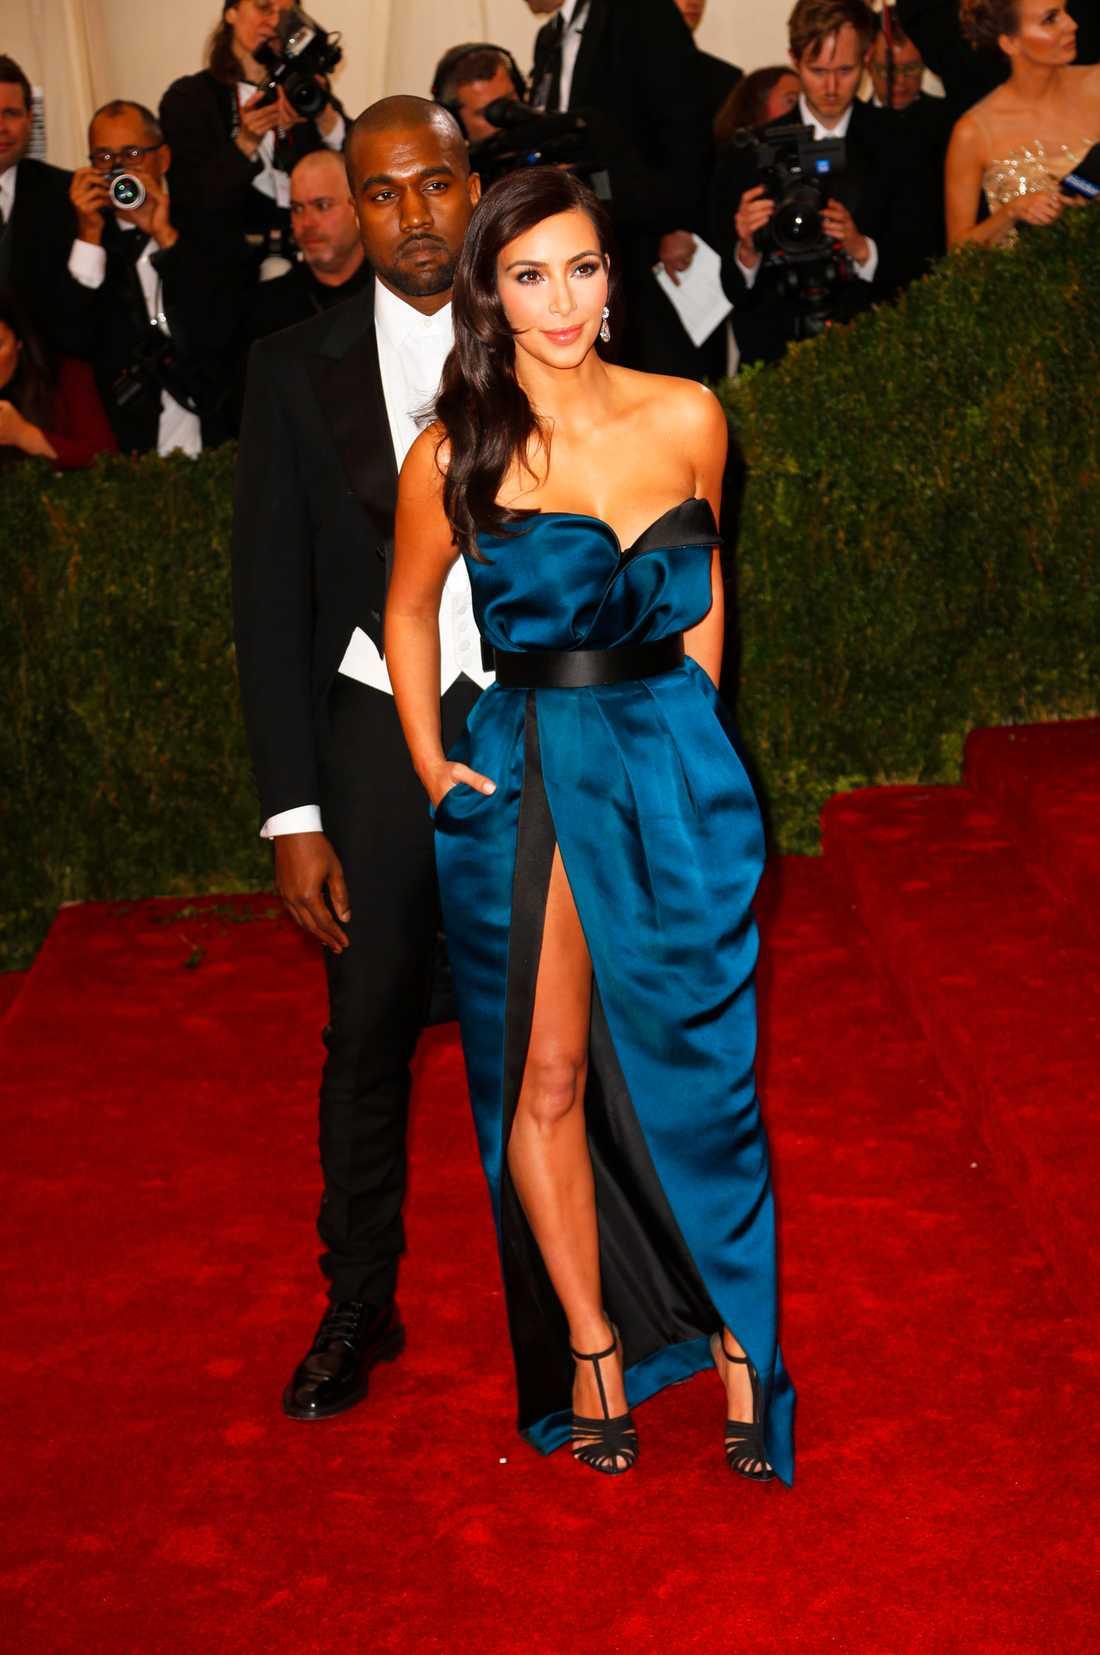 Betyg: ++++ Både Kim Kardashian och Kanye West dök upp iklädda Lanvin. Jag måste säga att jag är imponerad av Kims klänningsval som är elegant och tidlöst. Passar hennes figur ypperligt bra!